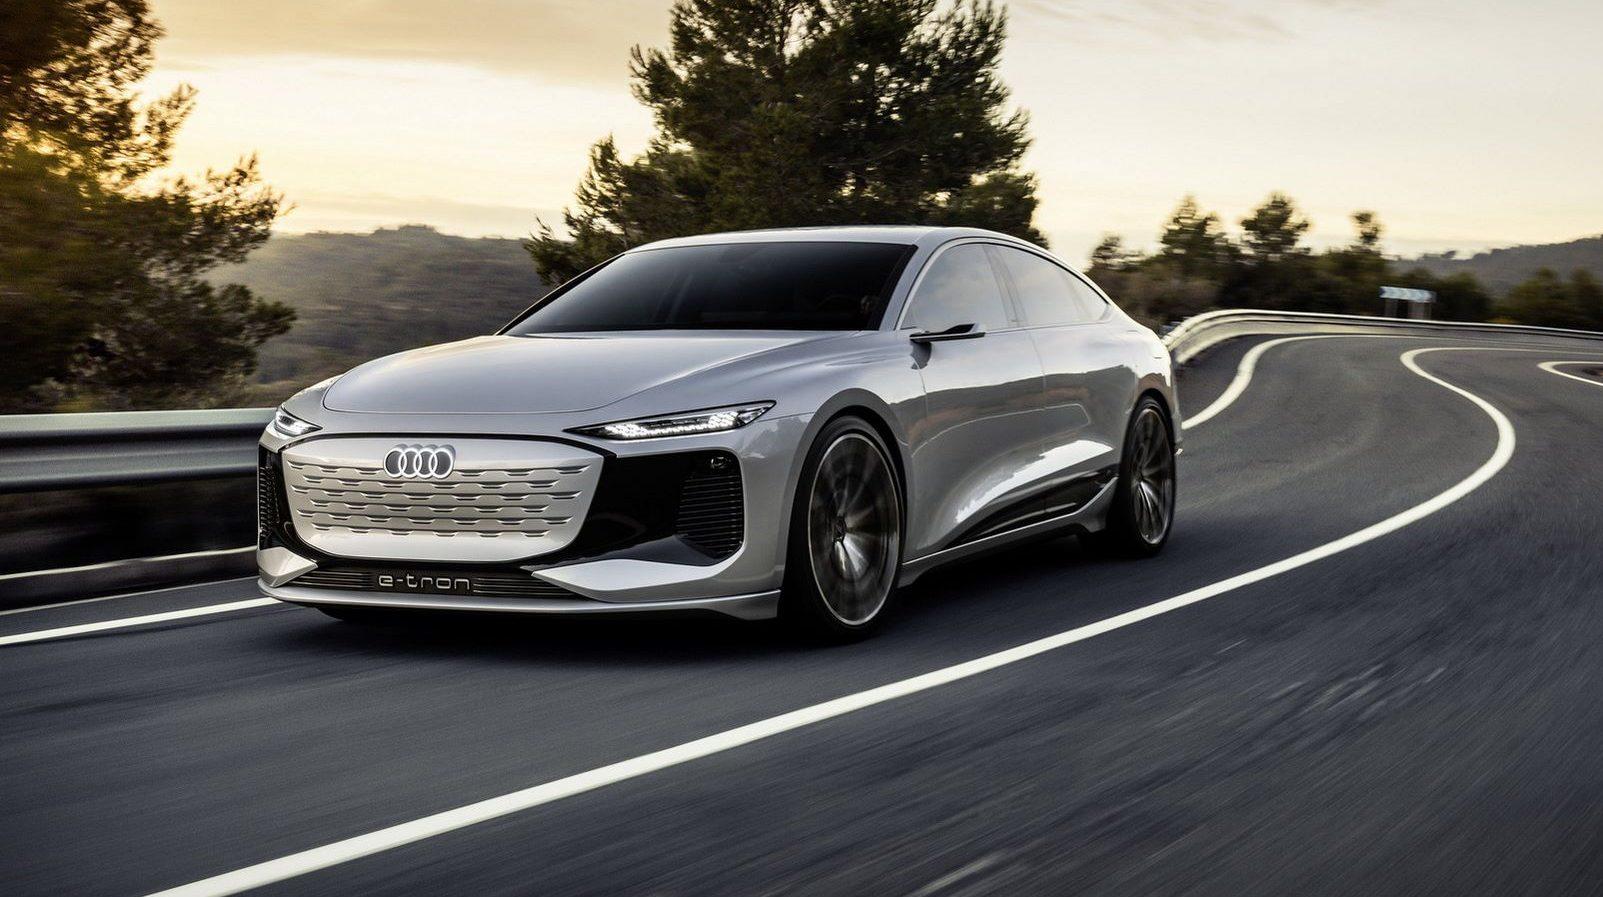 To Audi A6 e-tron έχει projectors αντί για προβολείς